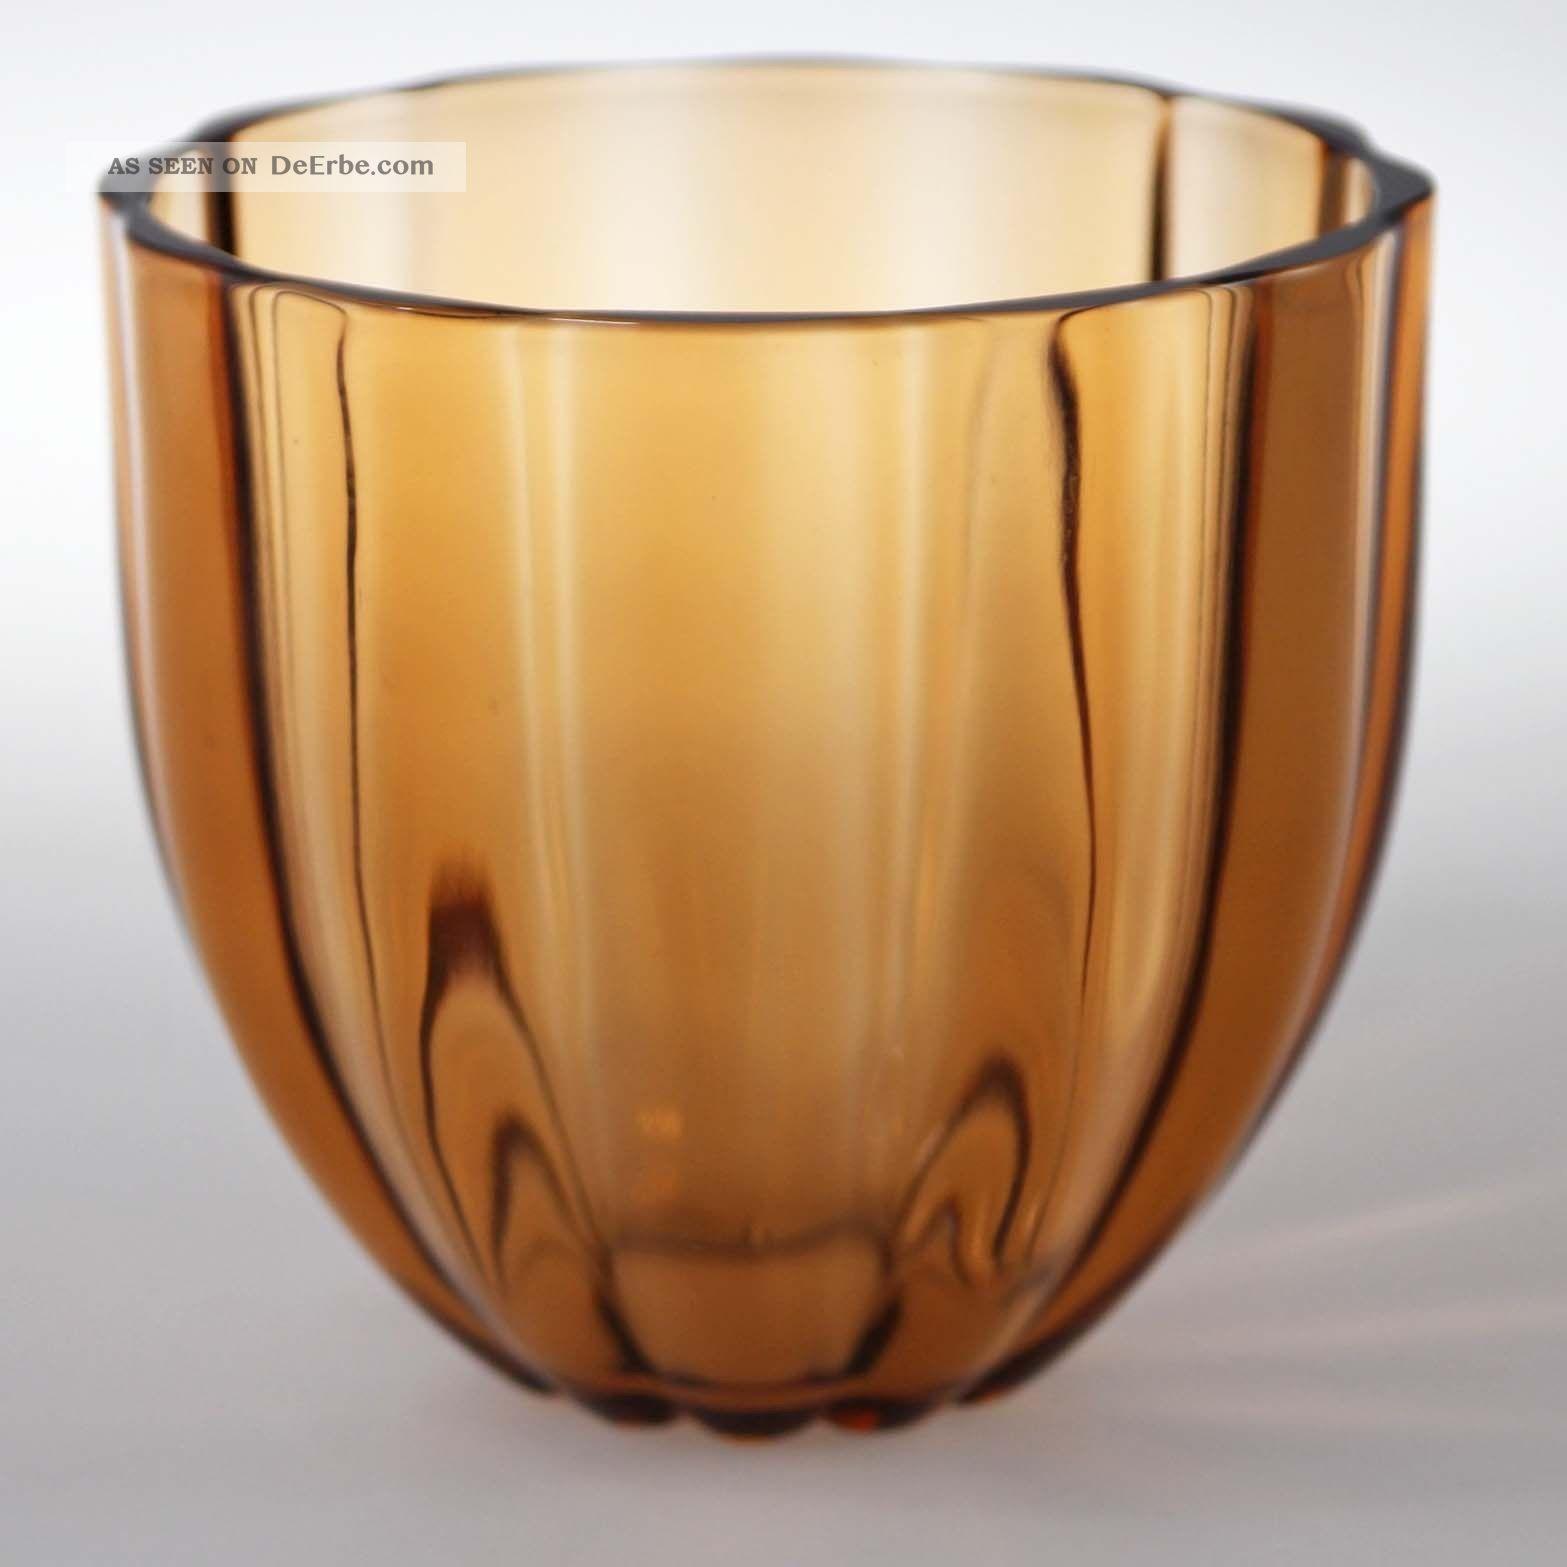 Wilhelm Wagenfeld Vlg Glas Vase Wvz 97 Rautenmarke 1920-1949, Art Déco Bild